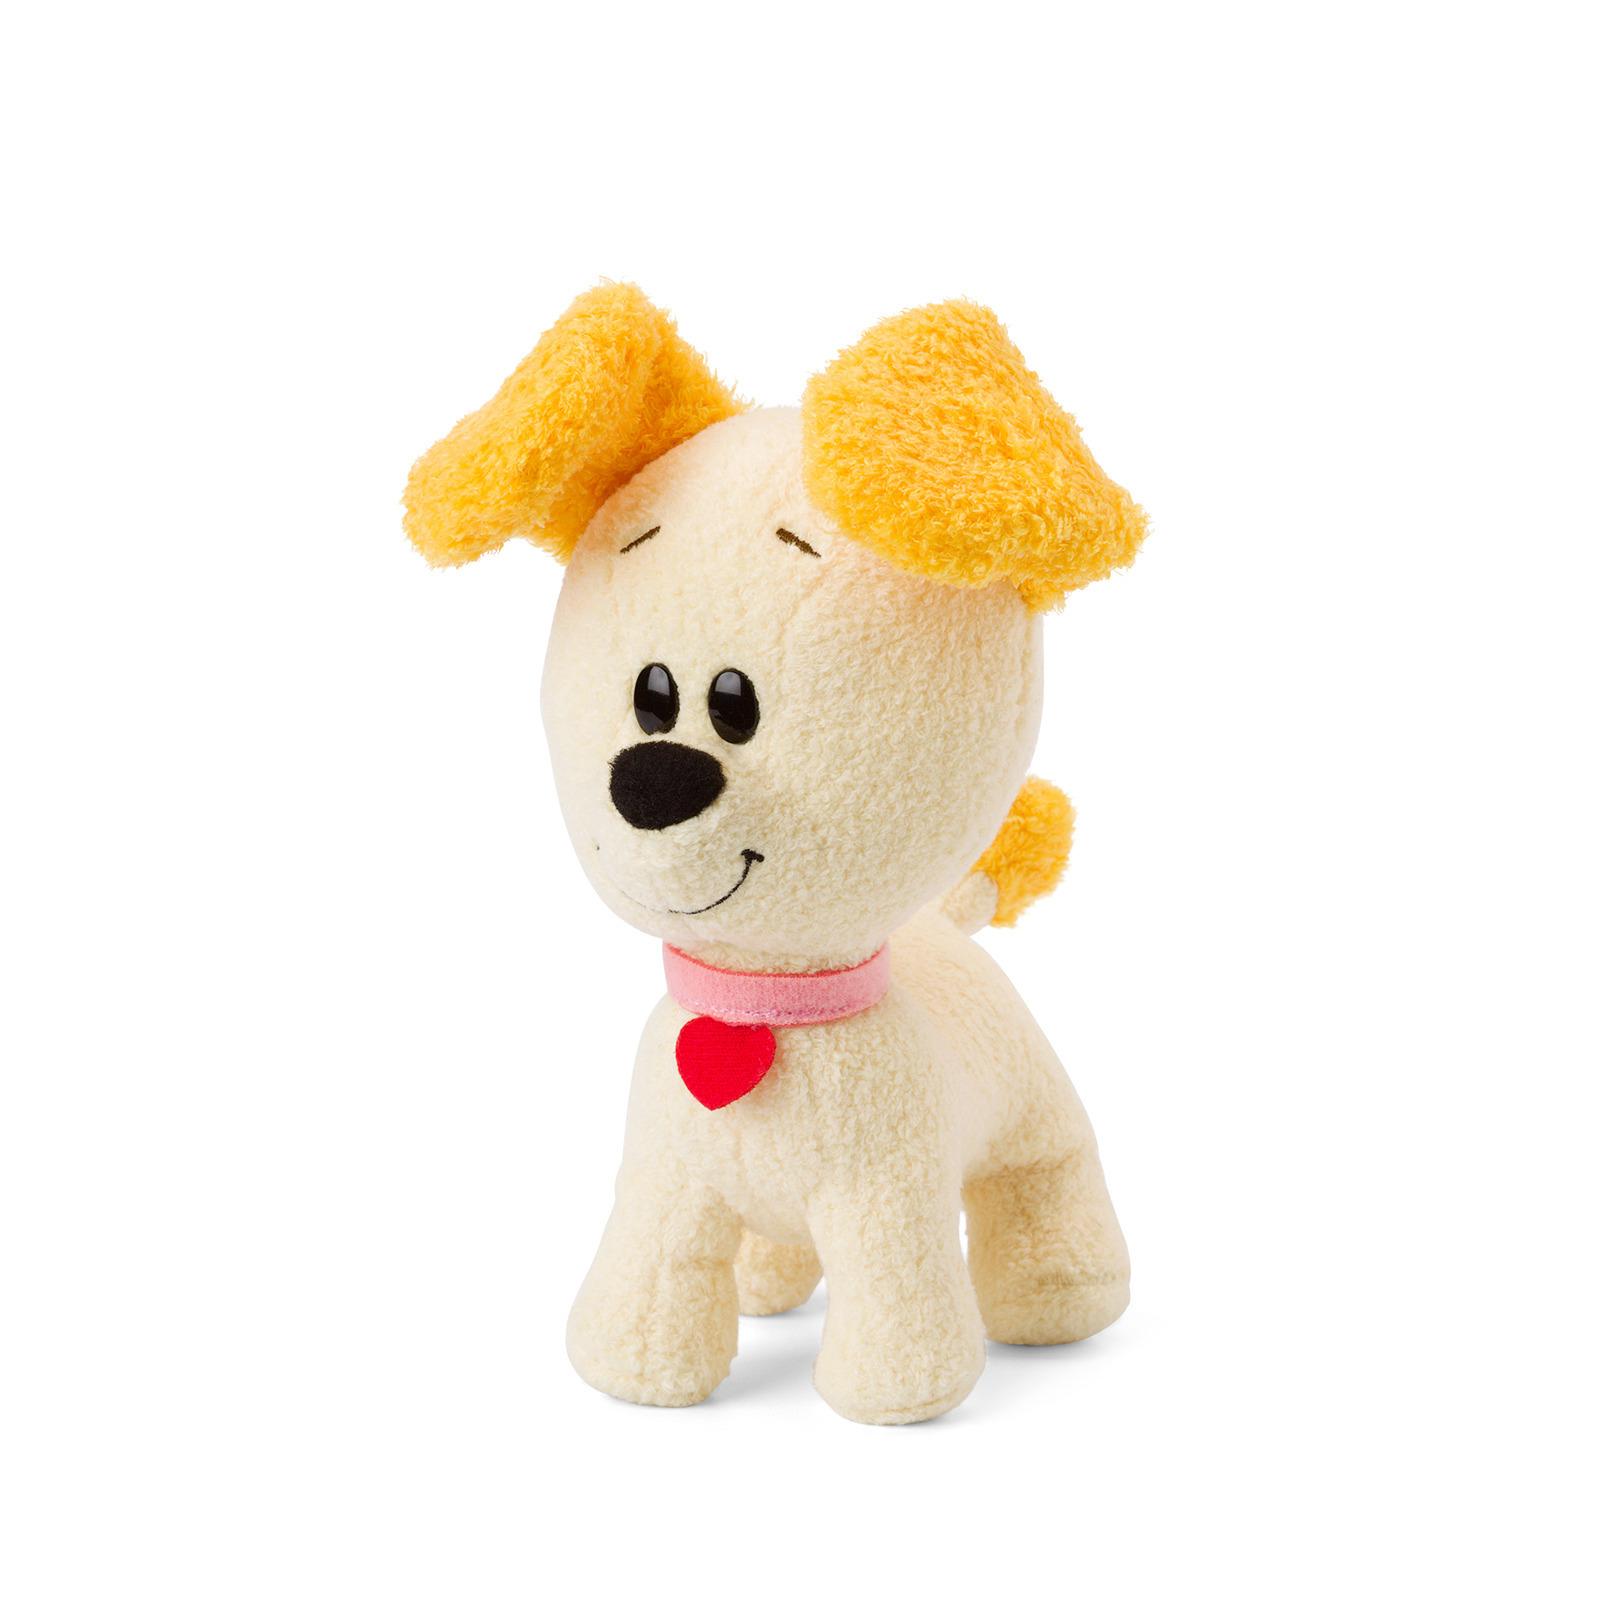 Afbeelding Pluche Pip knuffel geel 16 cm door Animals Giftshop